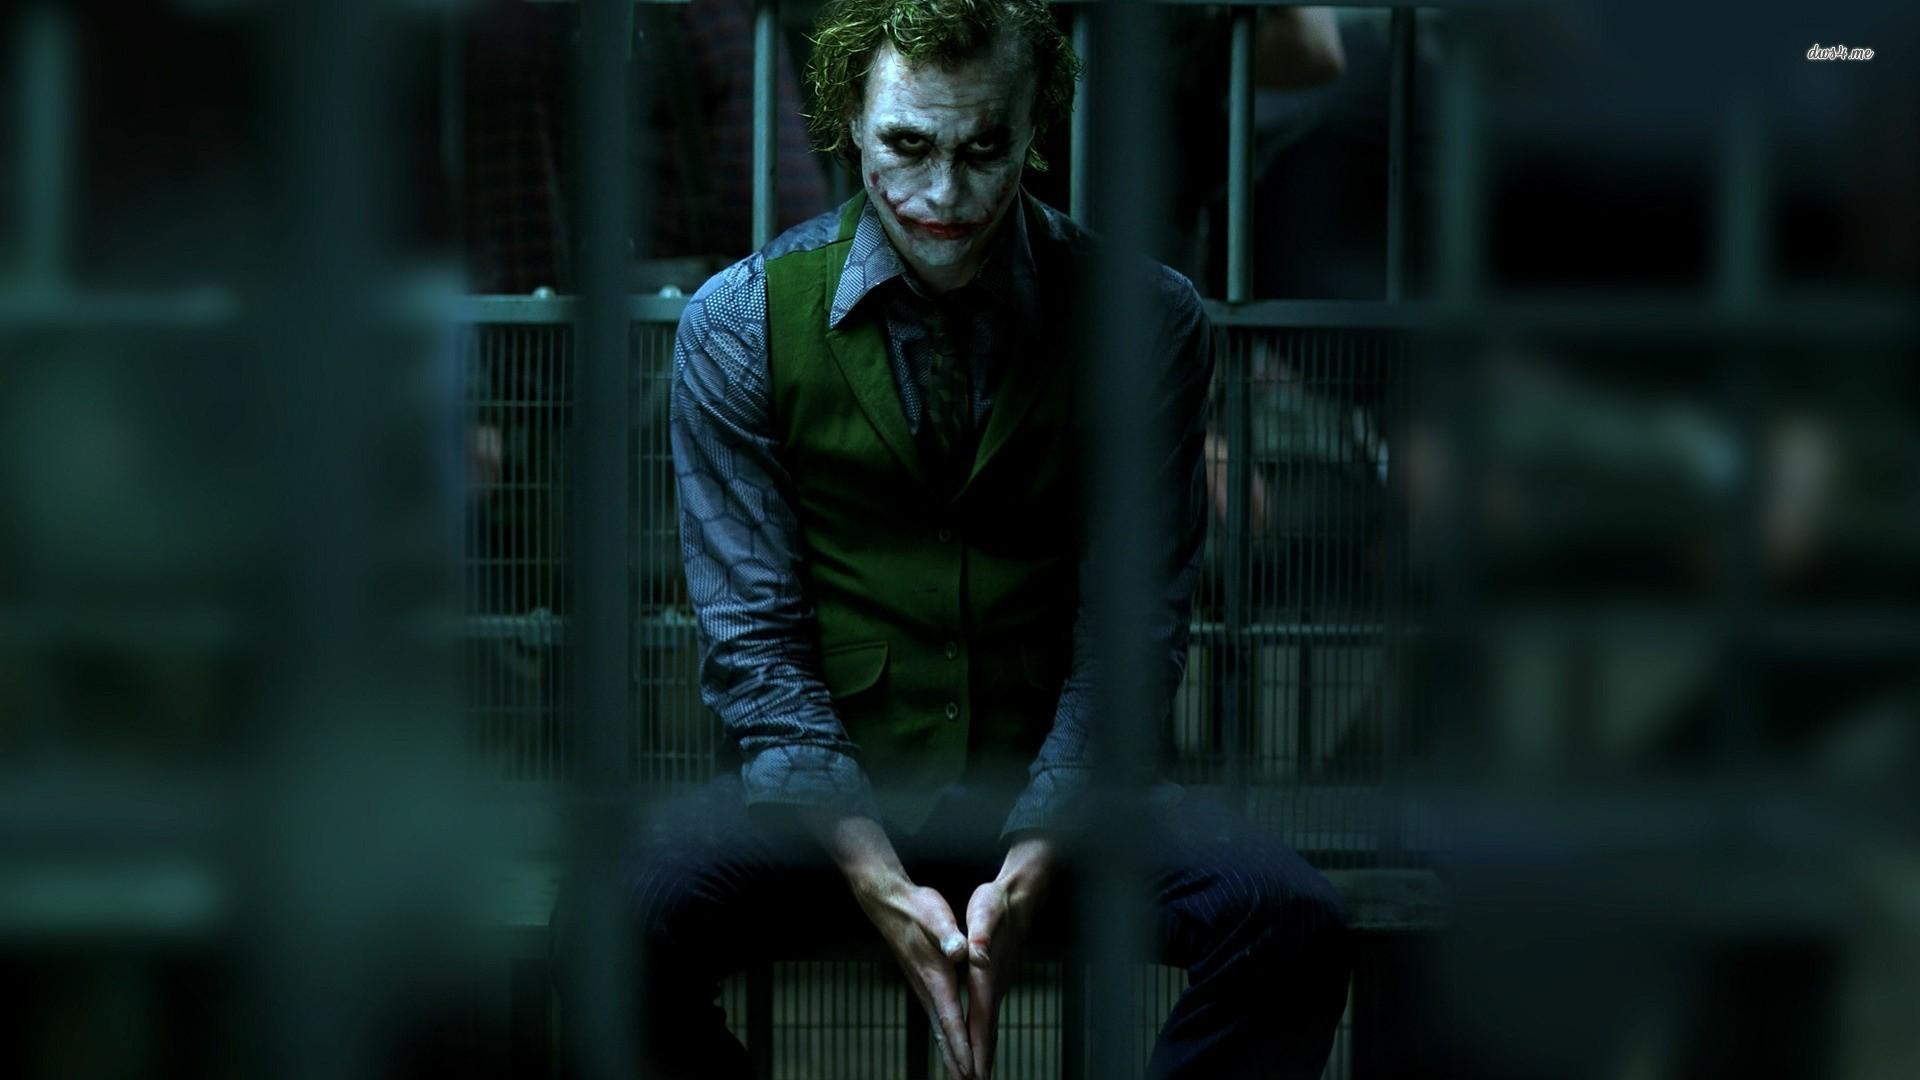 Dark Knight Joker Wallpaper 73 Images